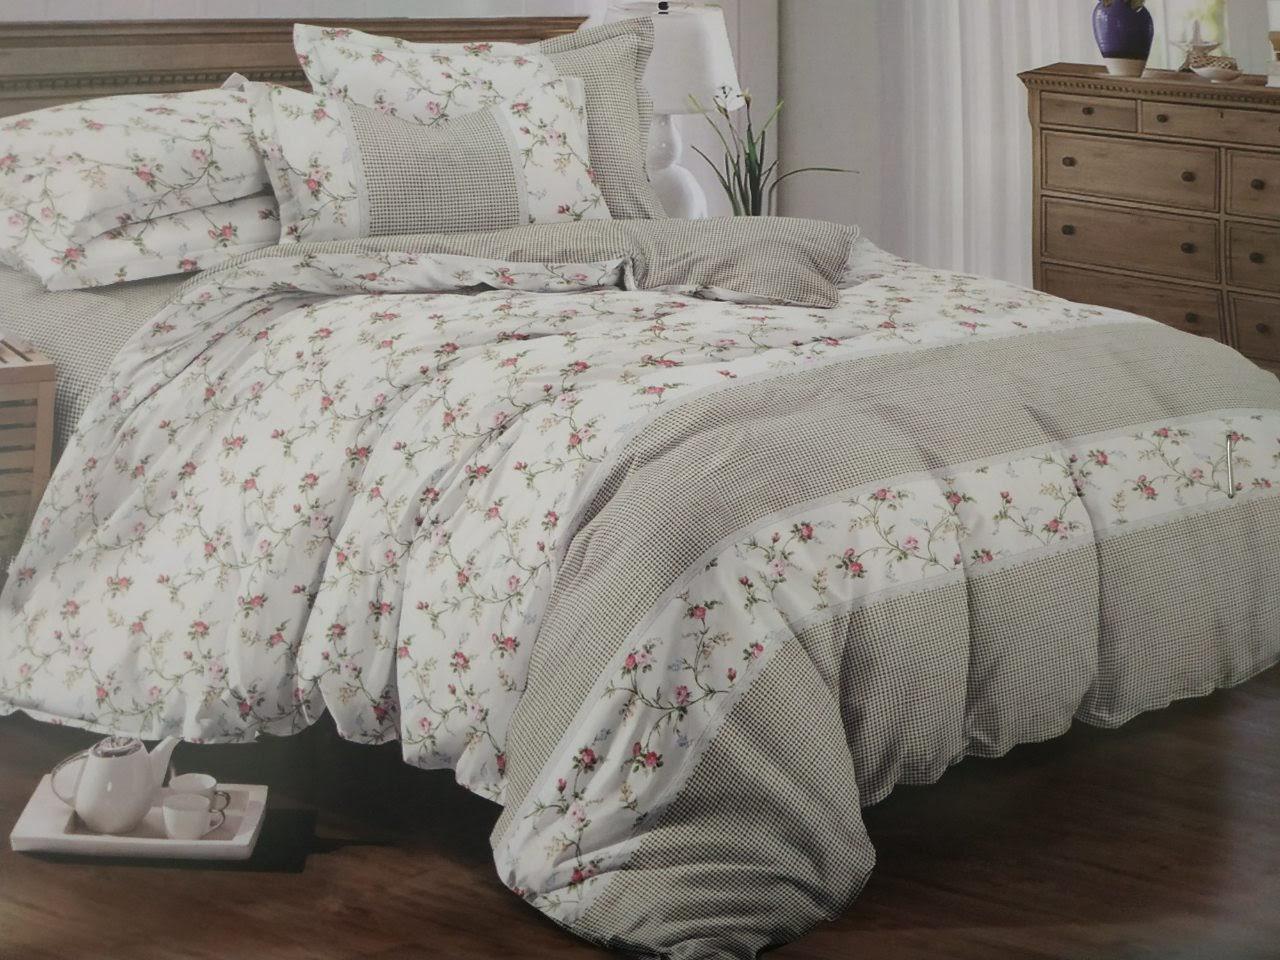 Комплект красивого постельного белья семейка, мелкие цветочки